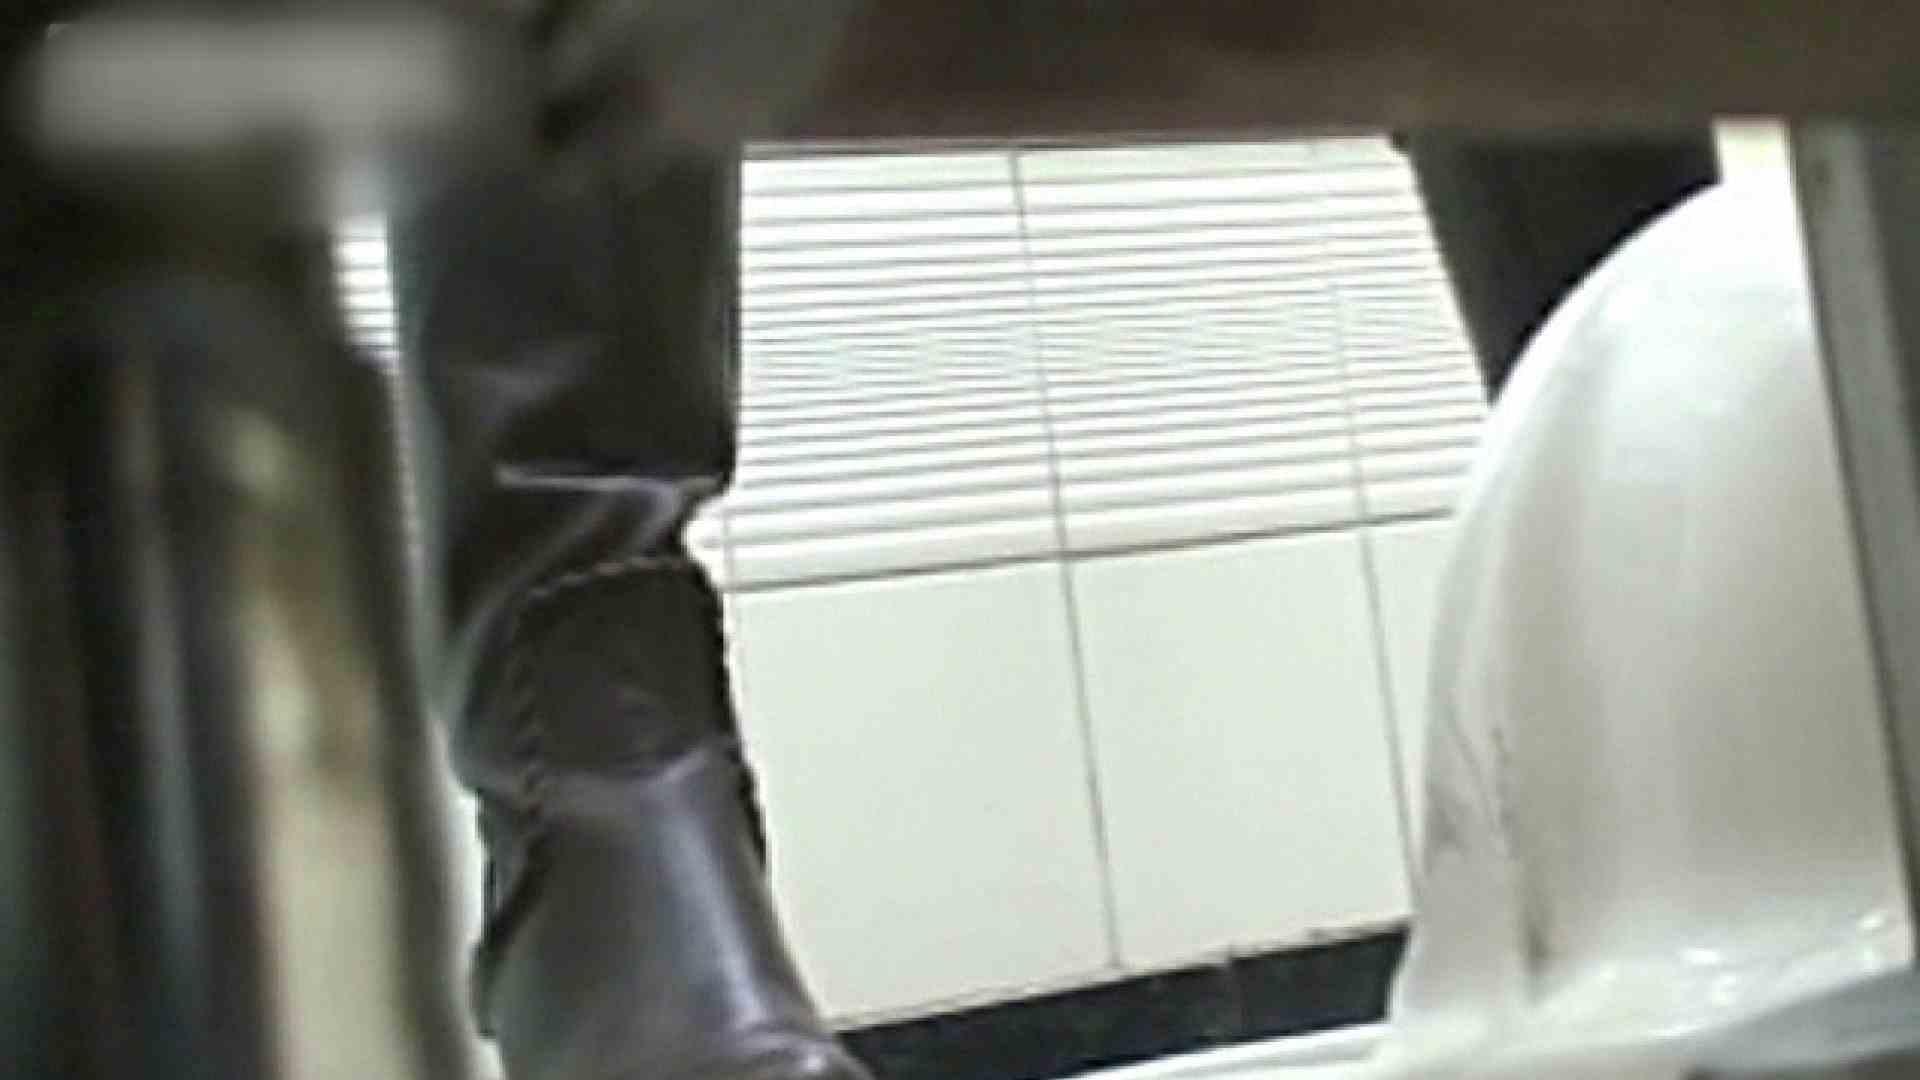 ロックハンドさんの盗撮記録File.57 黄金水 すけべAV動画紹介 51枚 47